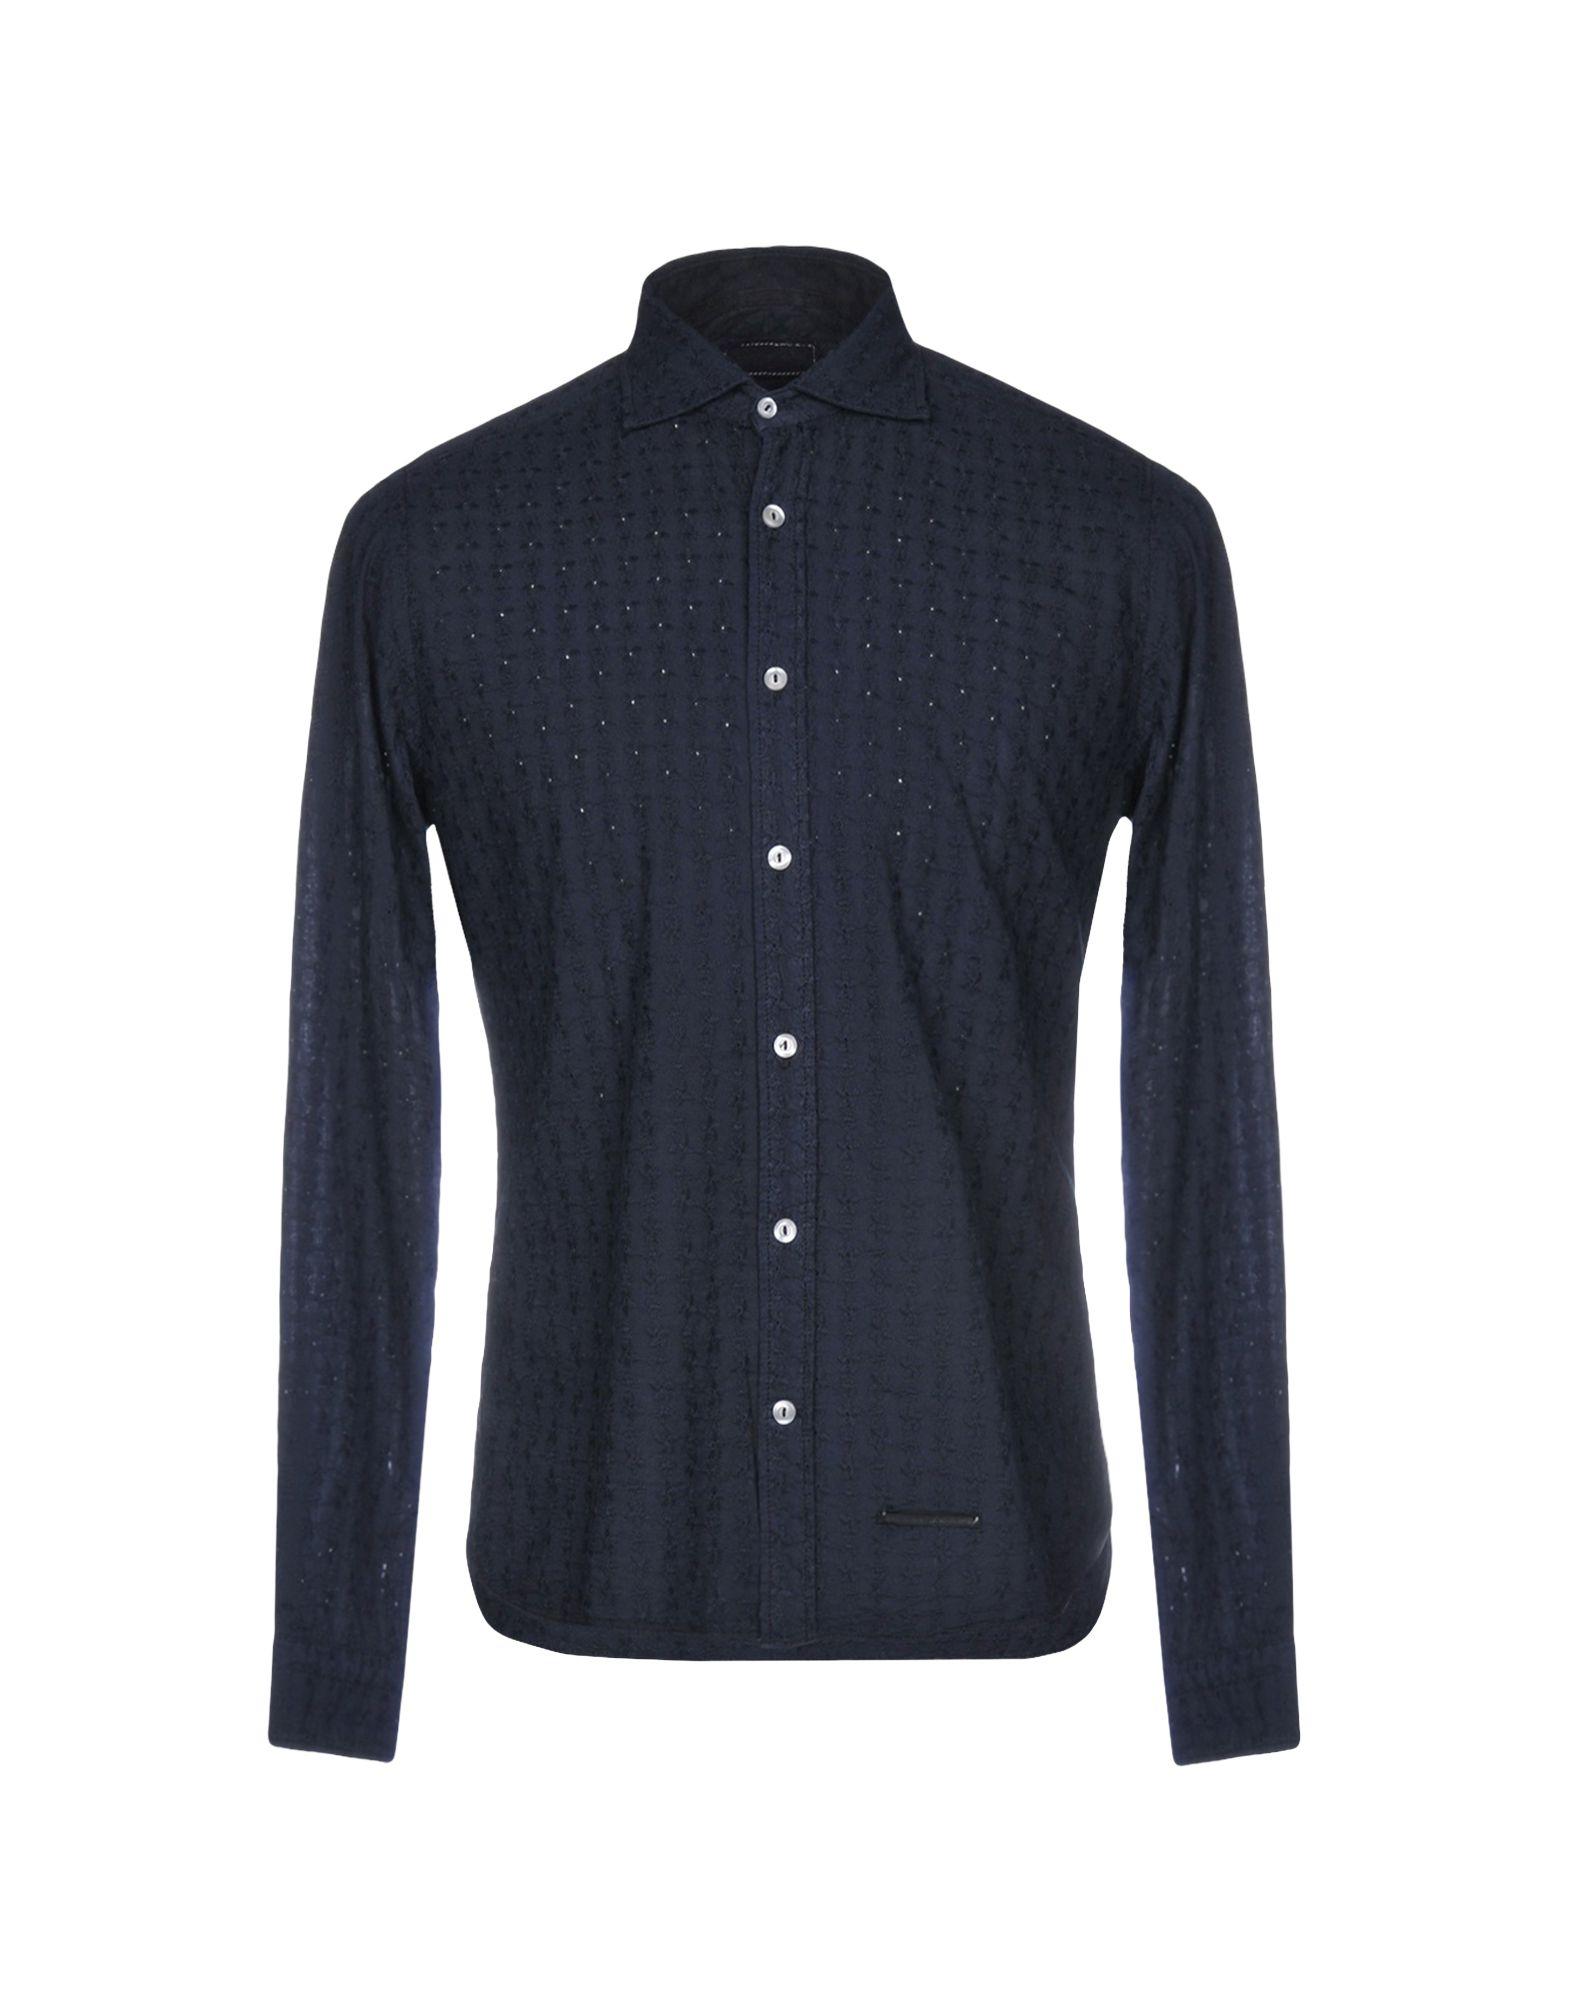 《送料無料》TINTORIA MATTEI 954 メンズ シャツ ダークブルー 39 コットン 100%